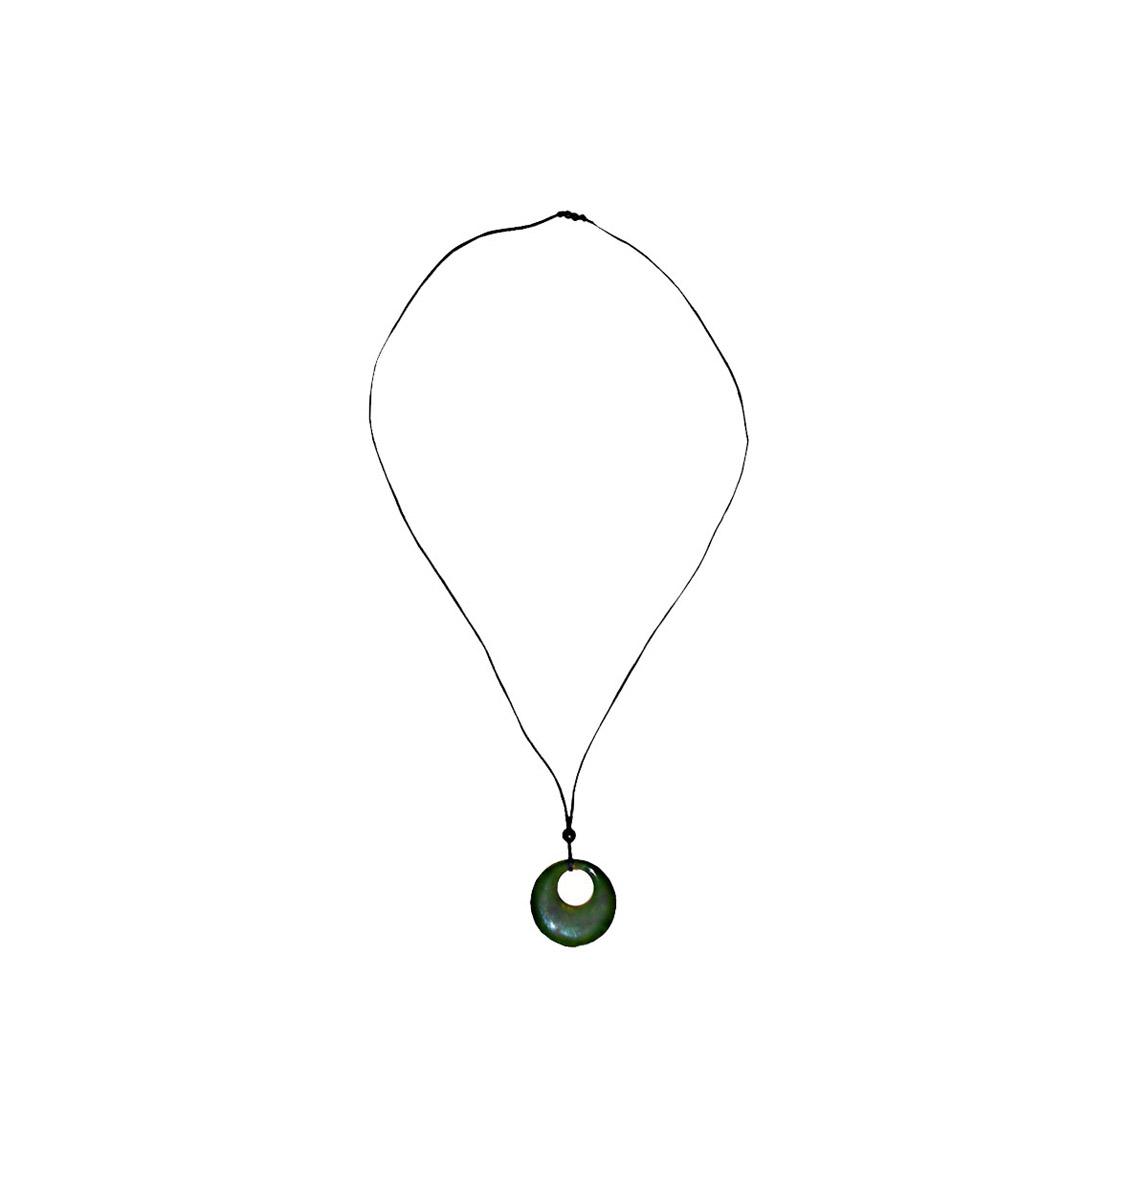 Винтажный кулон с нитью Зеленое кольцо. Искусственный камень. США, 1980 годыАромакулонВинтажный кулон с нитью Зеленое кольцо.Искусственный камень, имитация кожи.США, 1980 годы.Длина 39 см.Сохранность отличная.